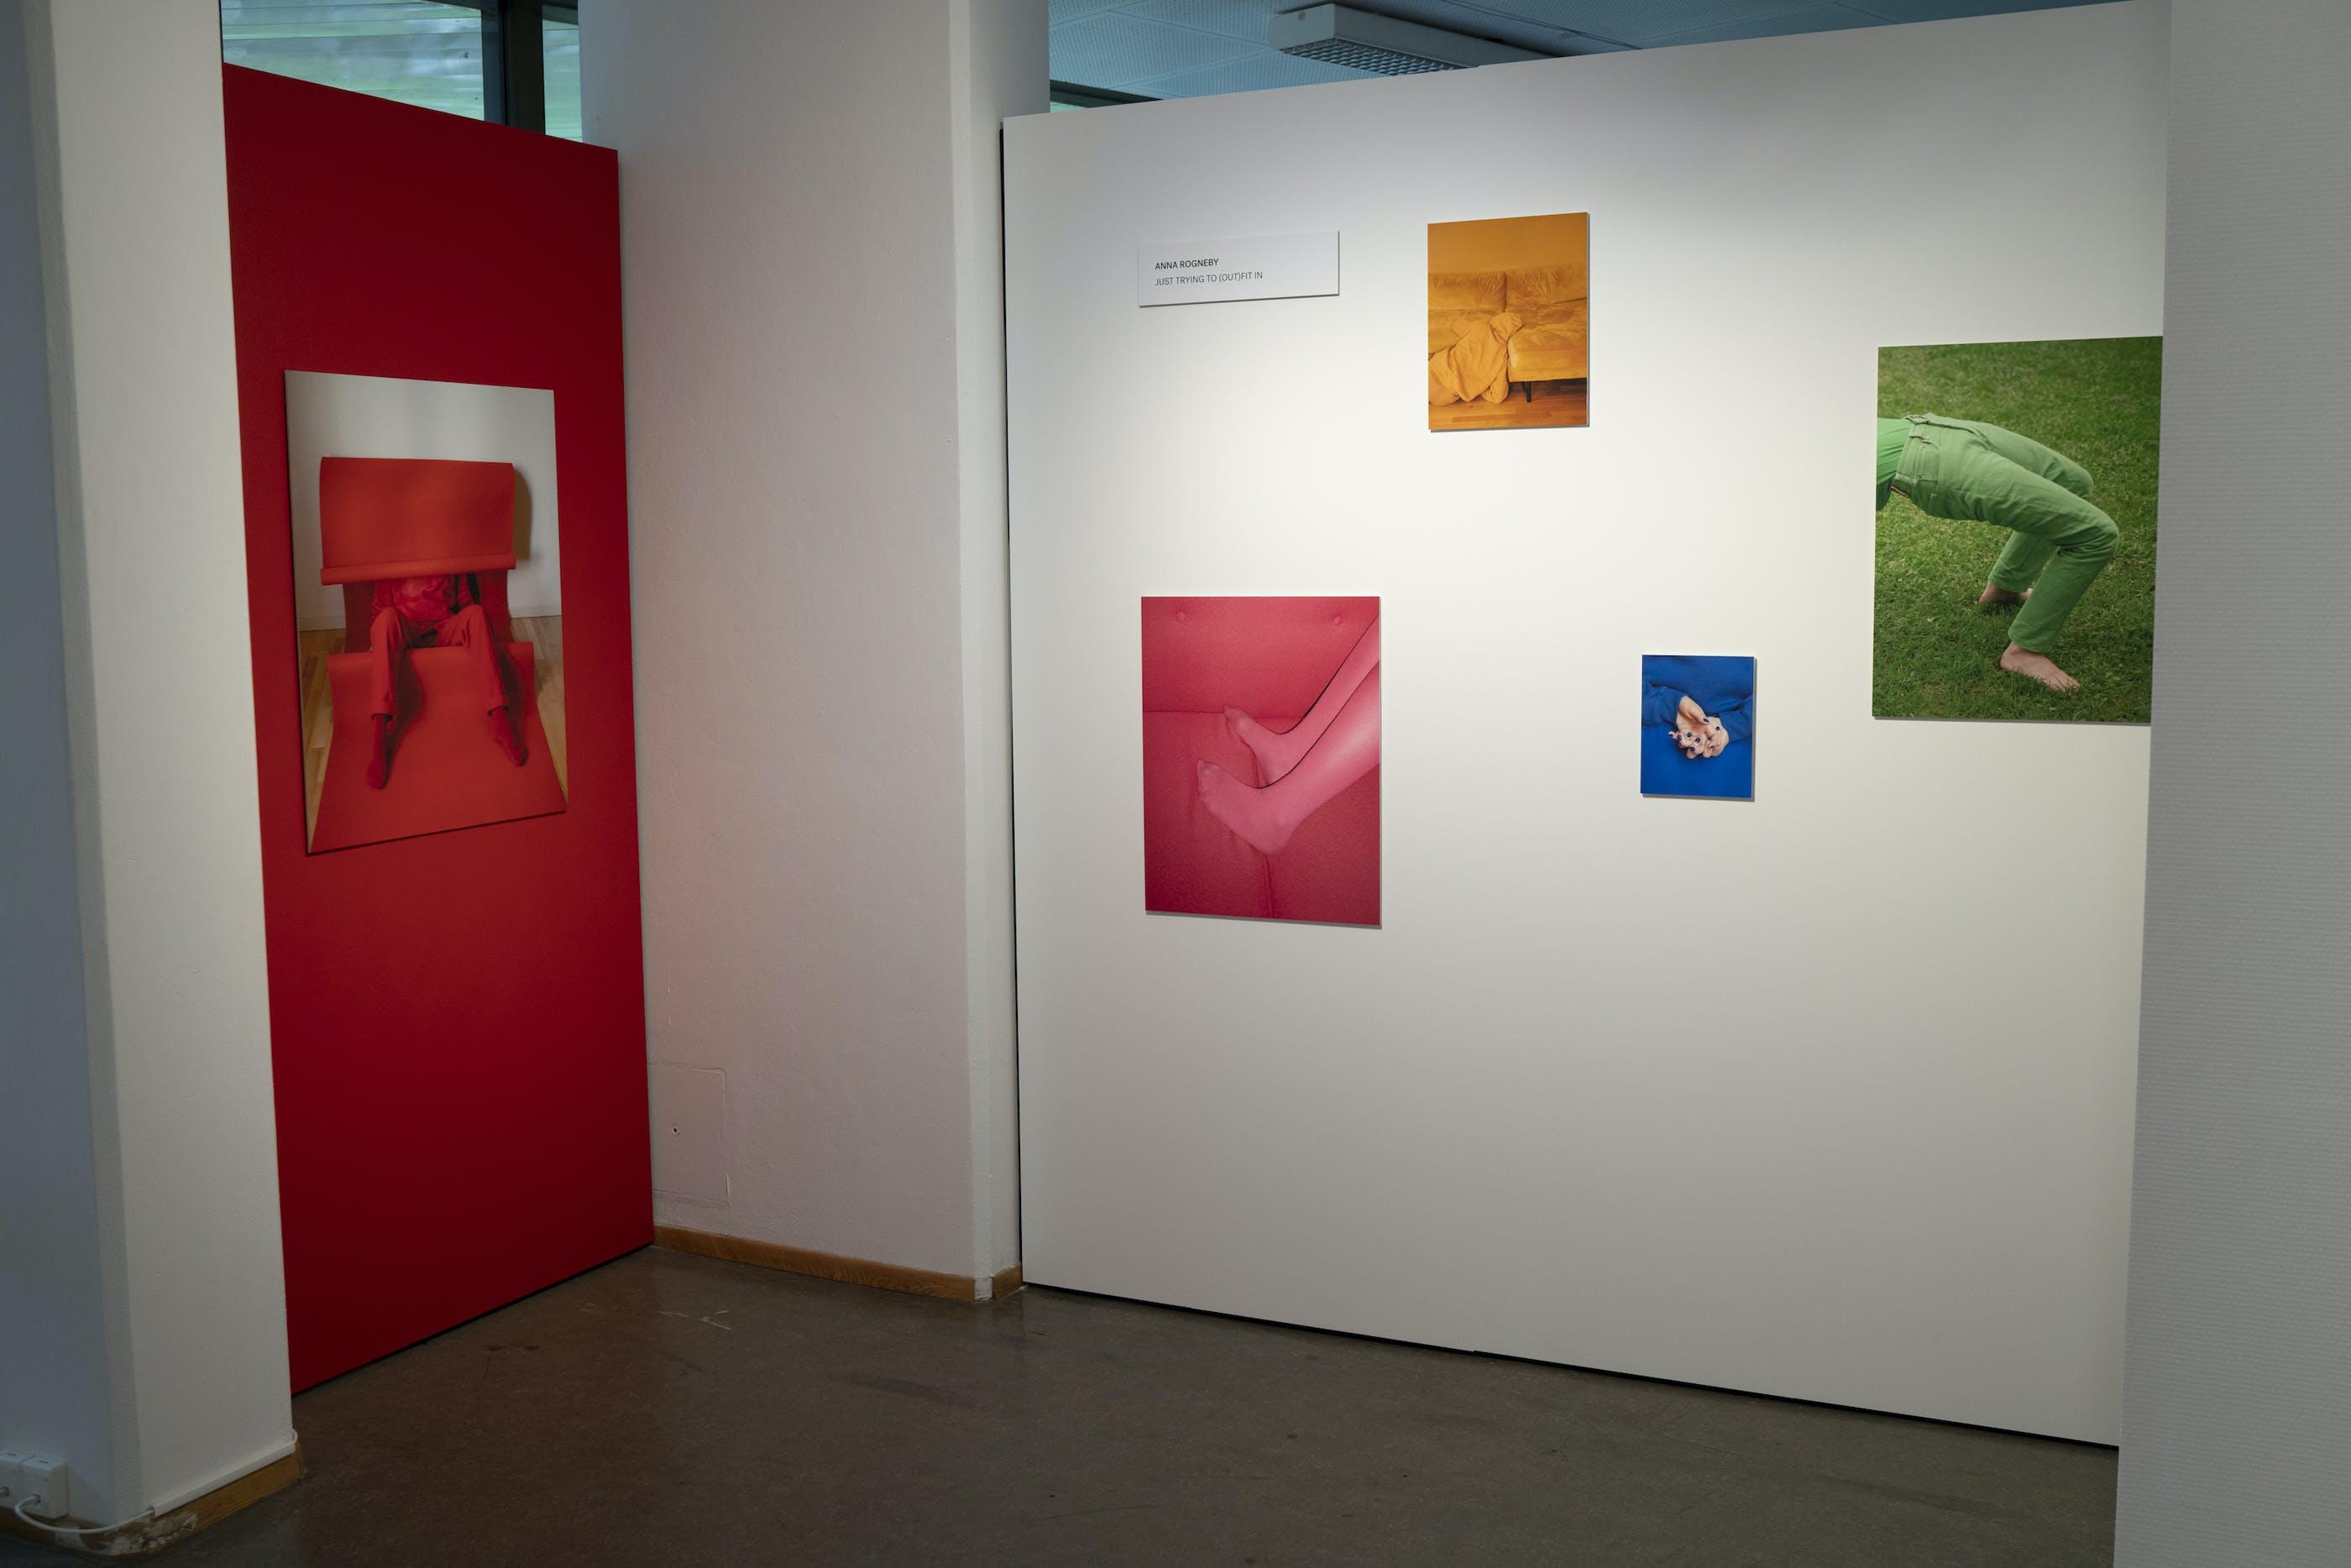 Henie Onstad Kunstsenter Mellom rom 006